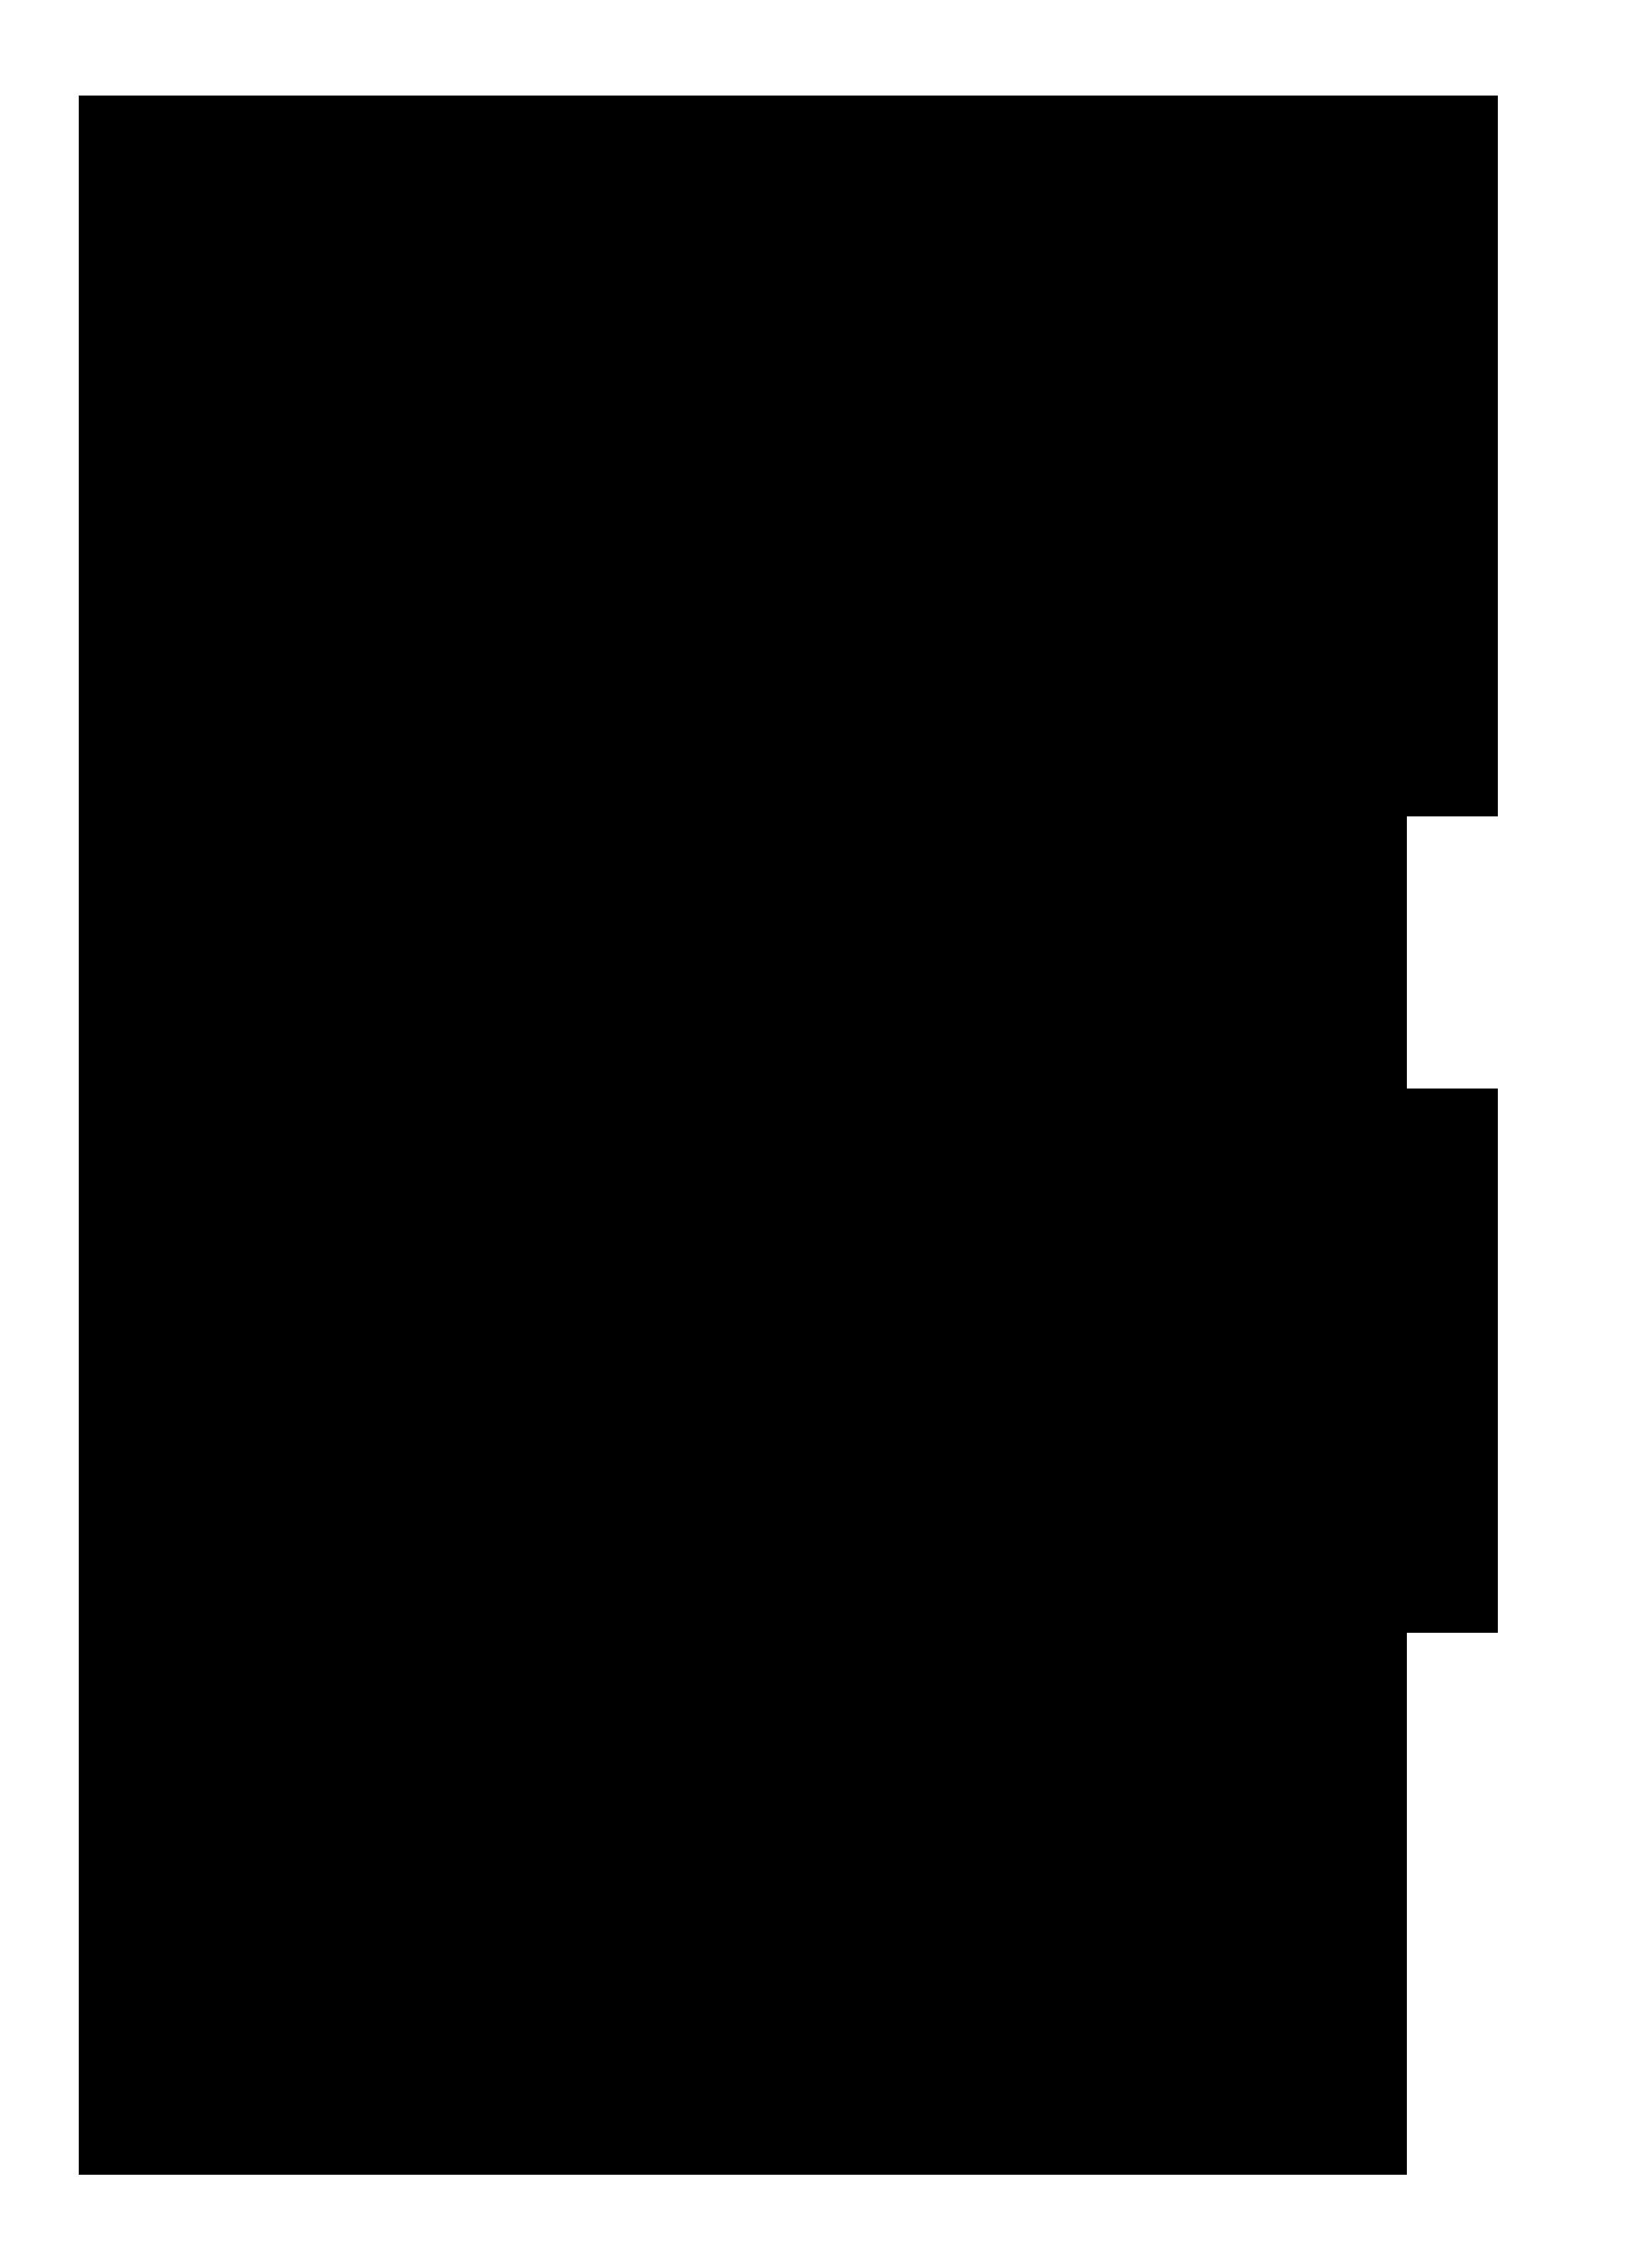 Speisekarte-Baustelle-2019-3